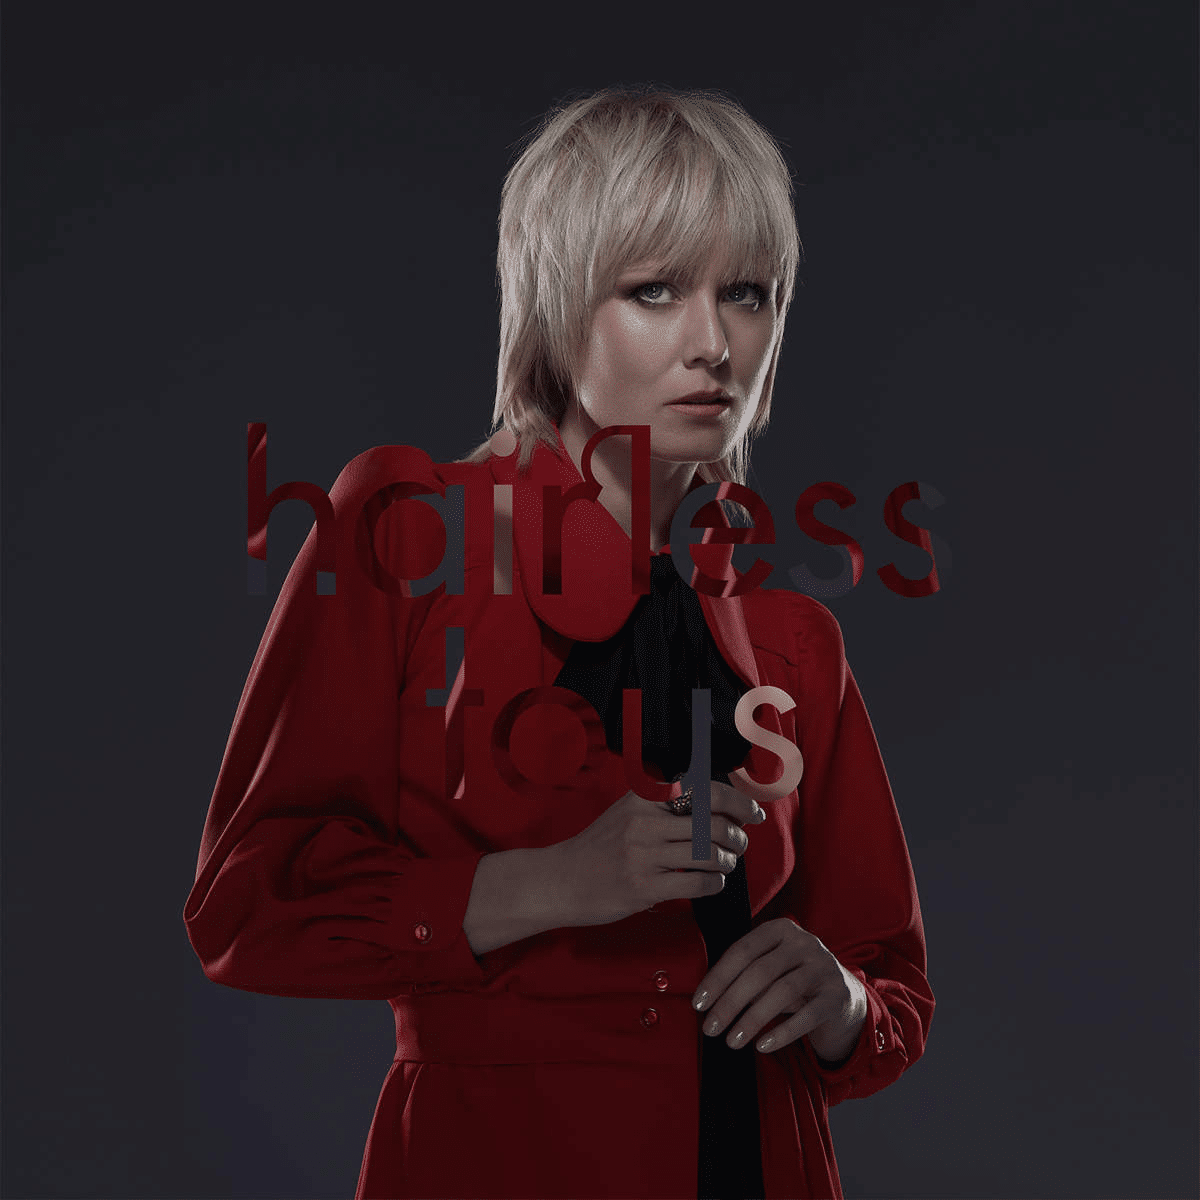 Róisín Murphy - Hairless Toys